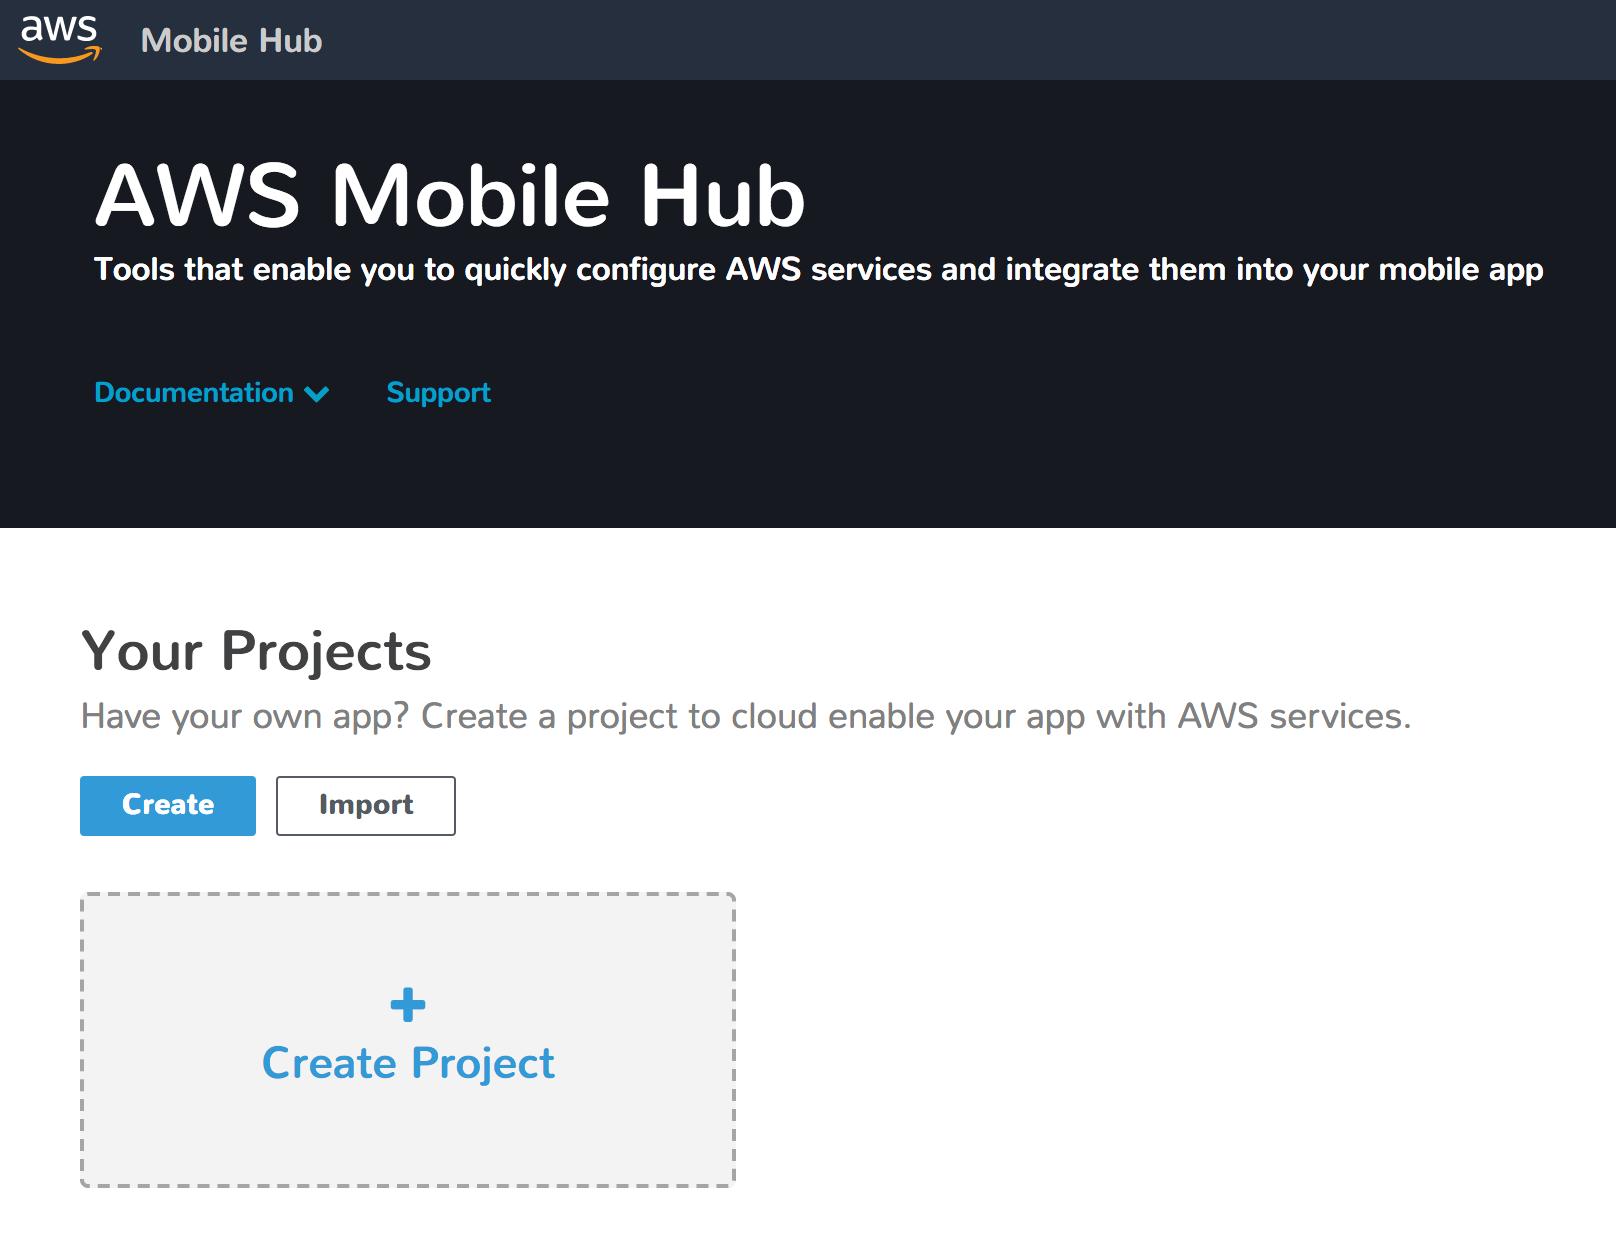 Mobile Hub top